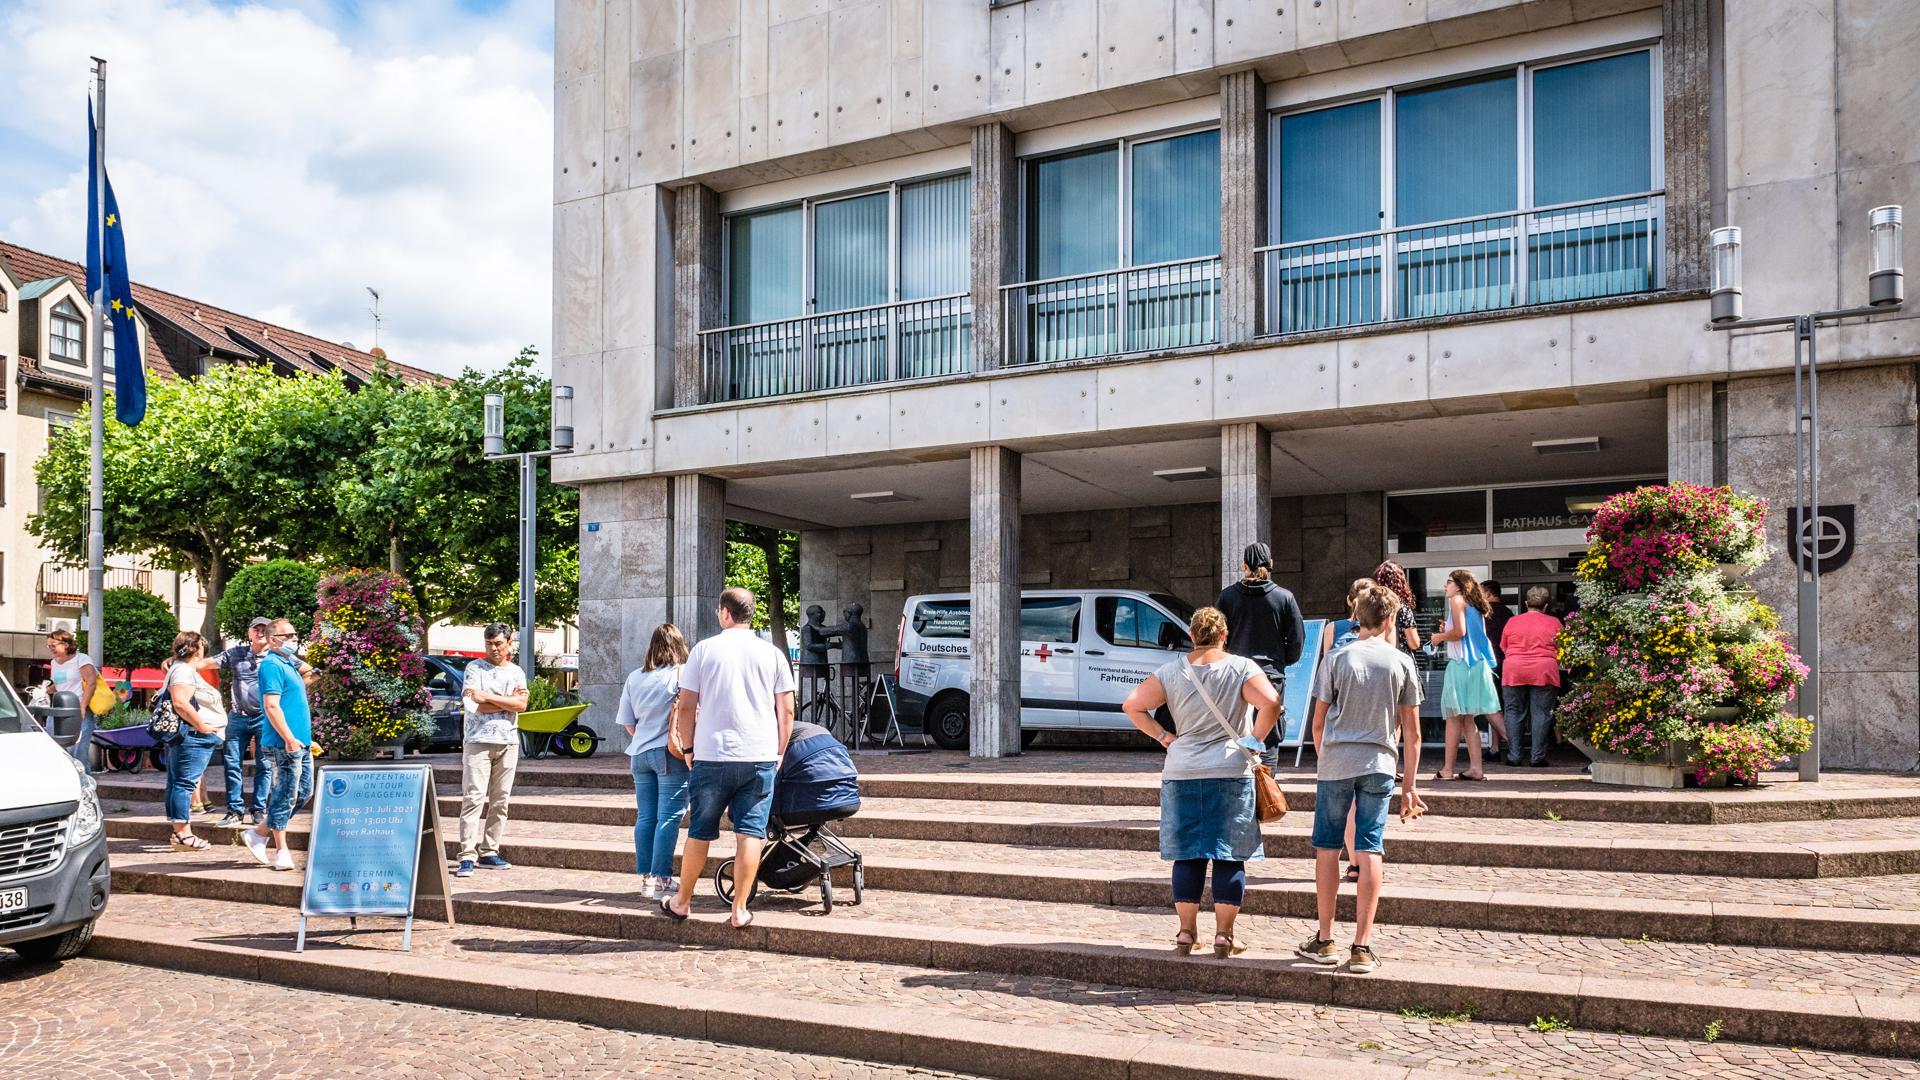 Eine Schlange von Menschen steht vor dem Rathaus in Gaggenau.